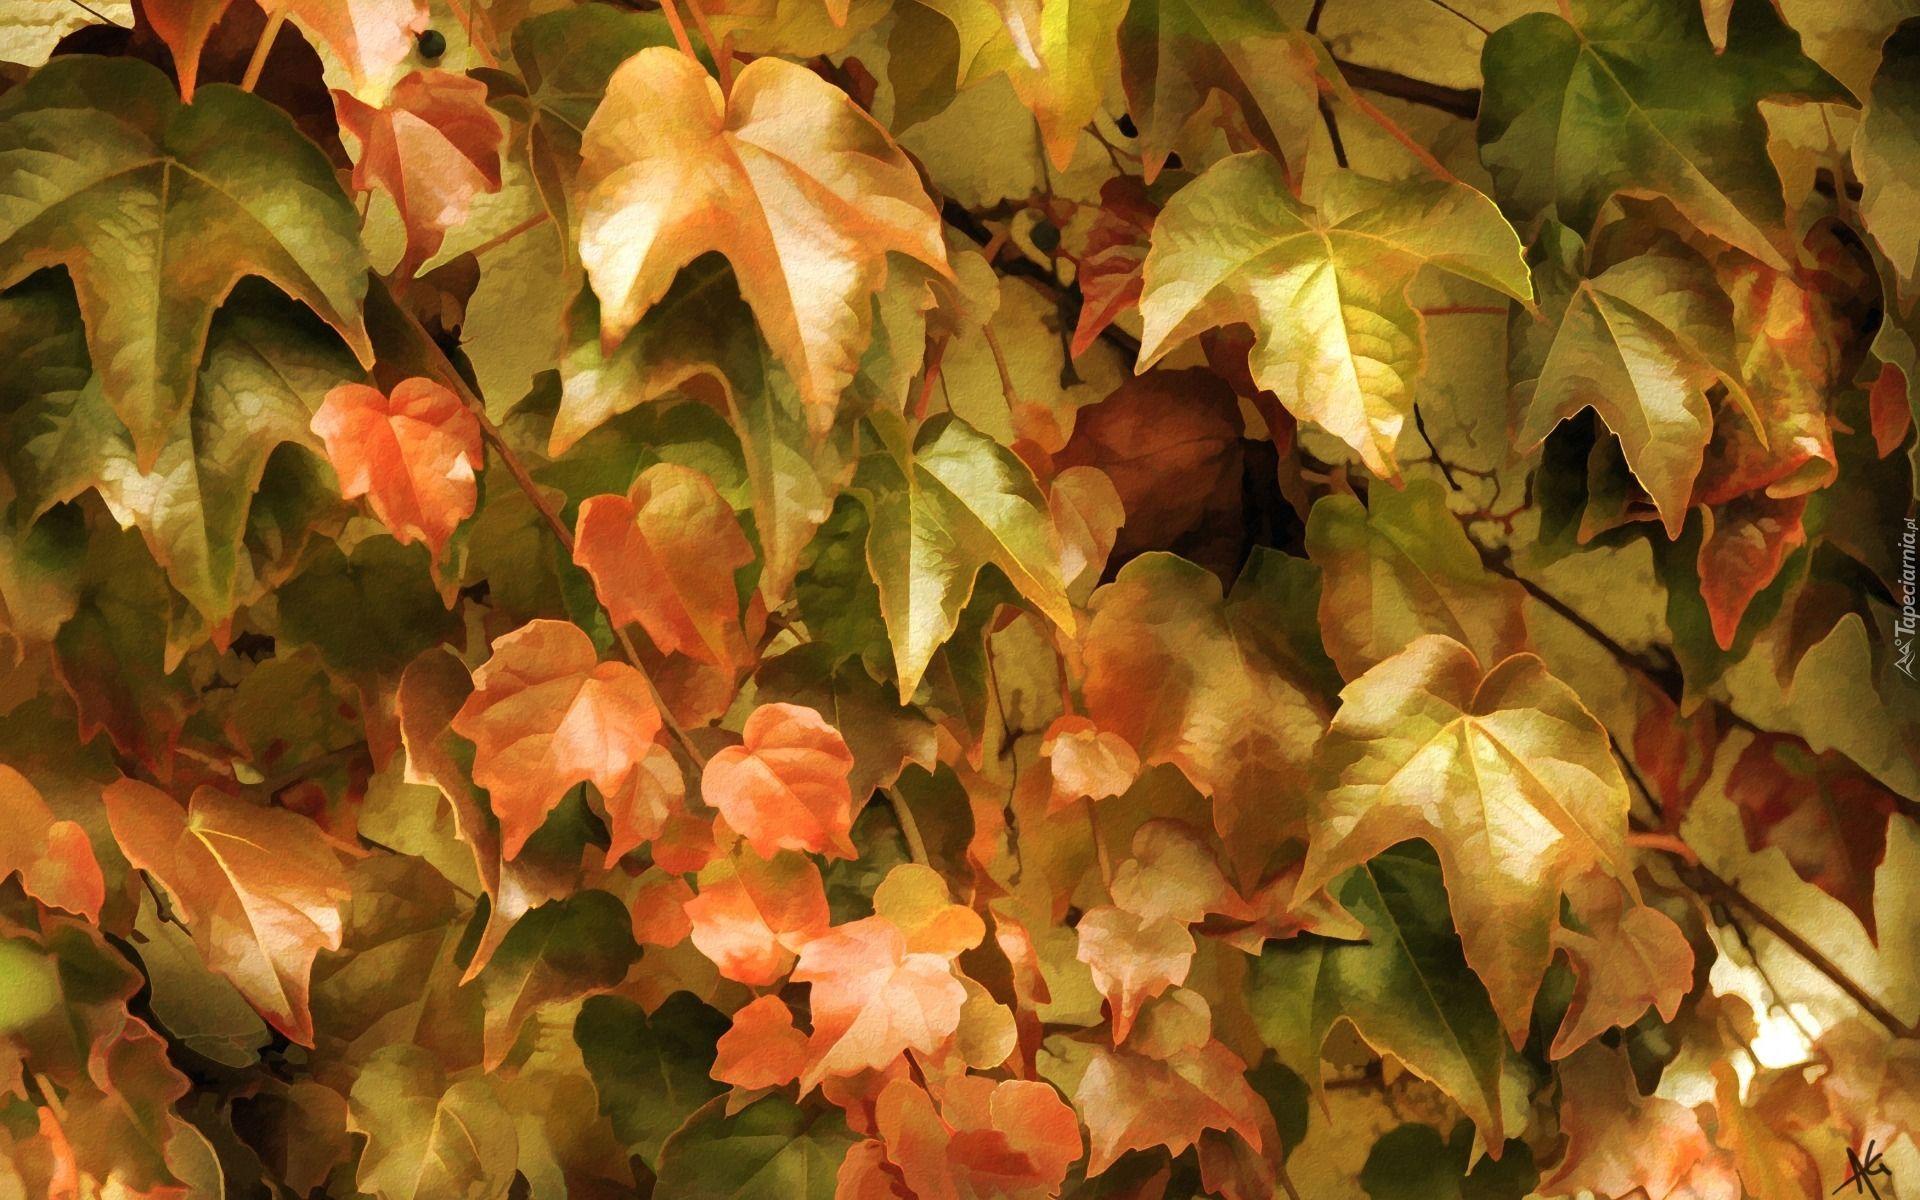 Edycja Tapety Jesienne Liscie Bluszczu W Grafice Leaves Plants Inspiration